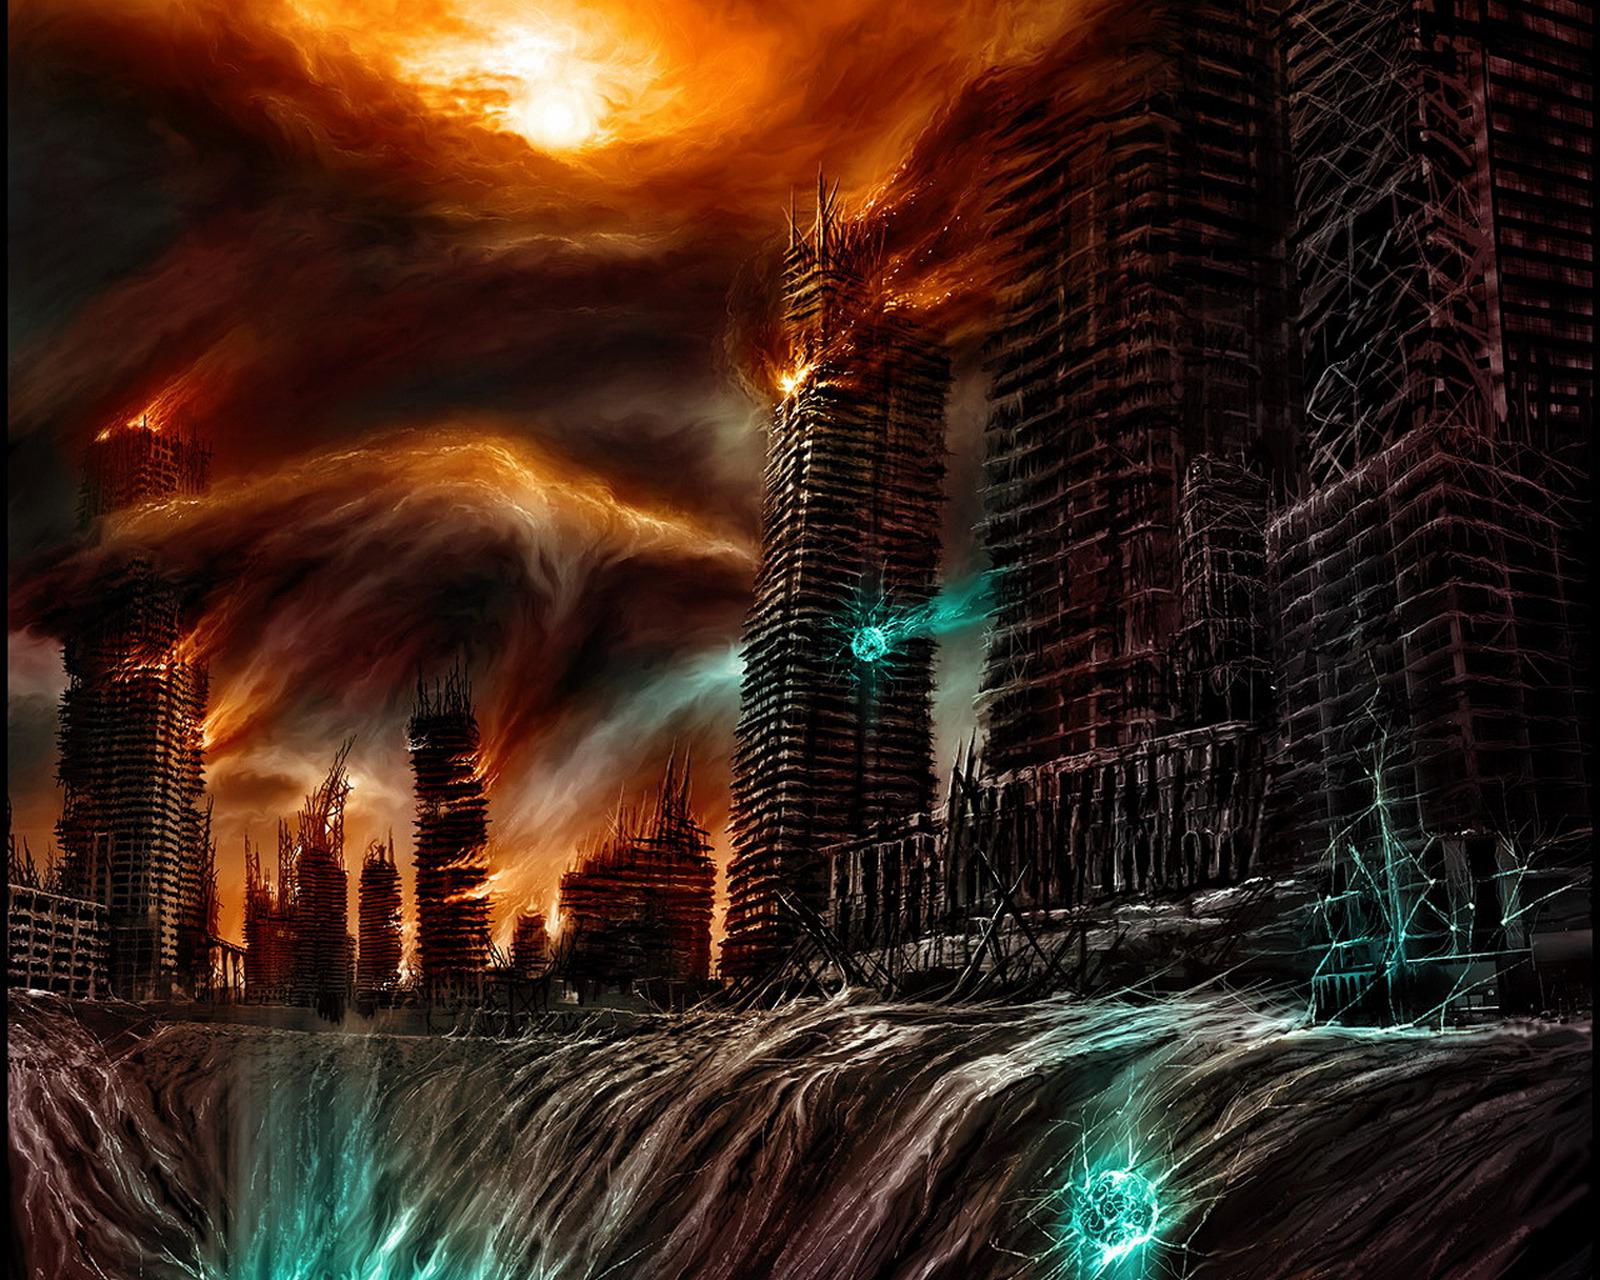 Картинки на тему конца света